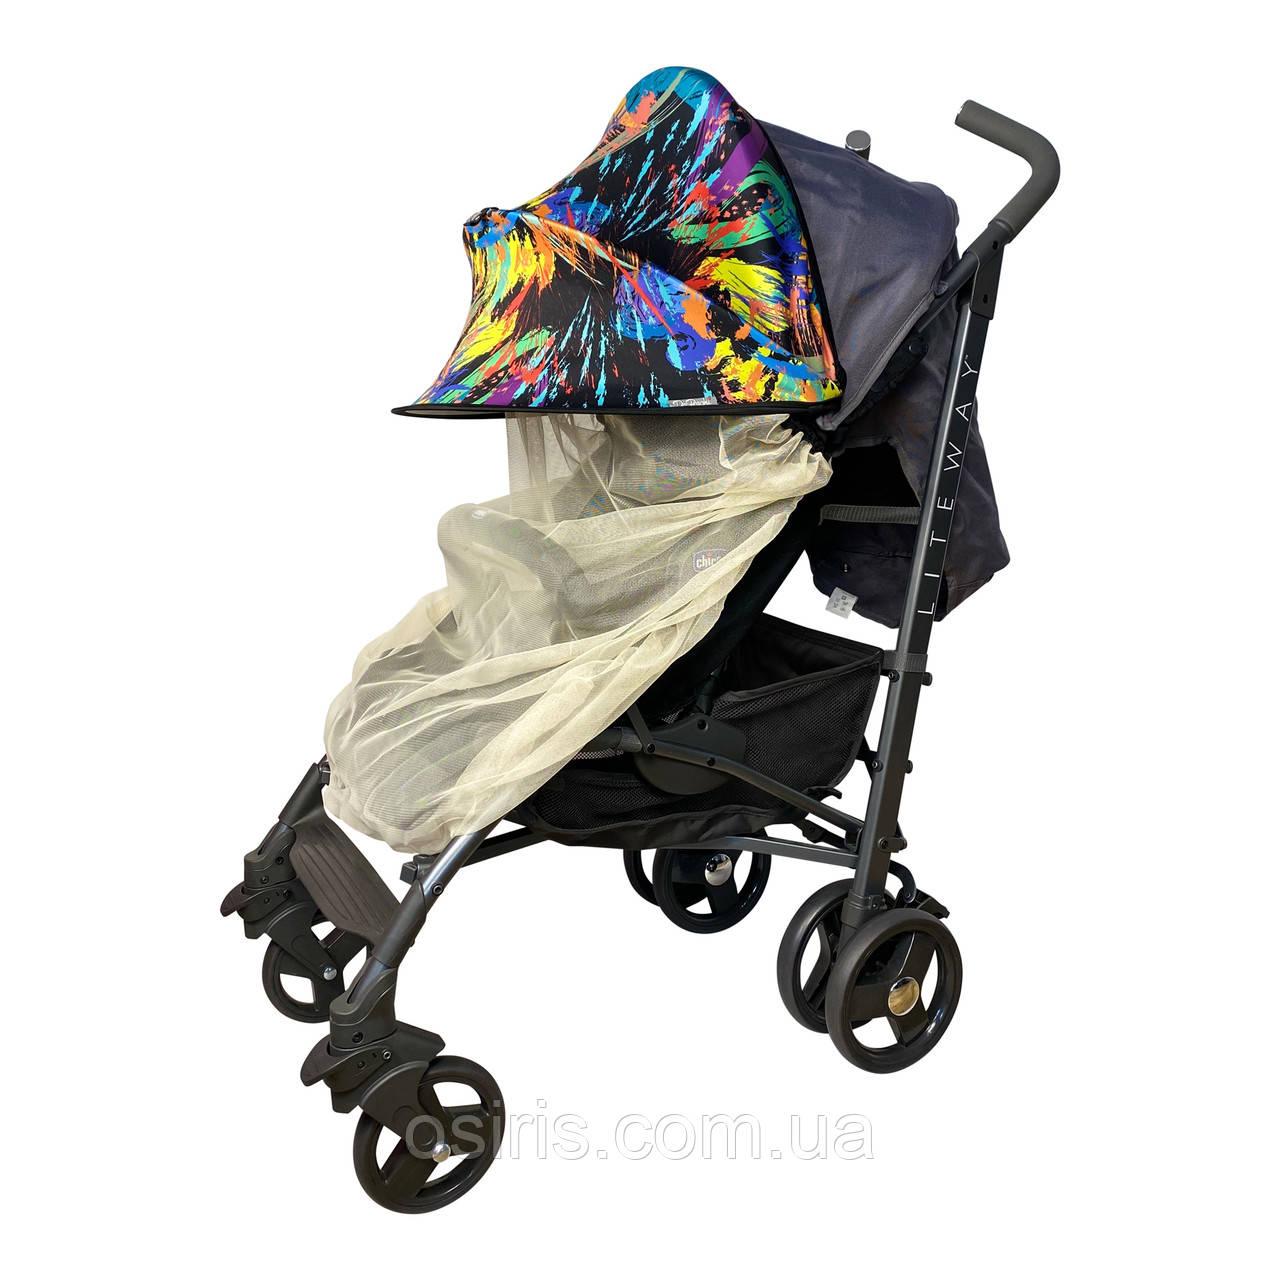 Двойной солнцезащитный козырек для коляски 2в1 с бежевой москитной сеткой Must Have Shade Фарбы